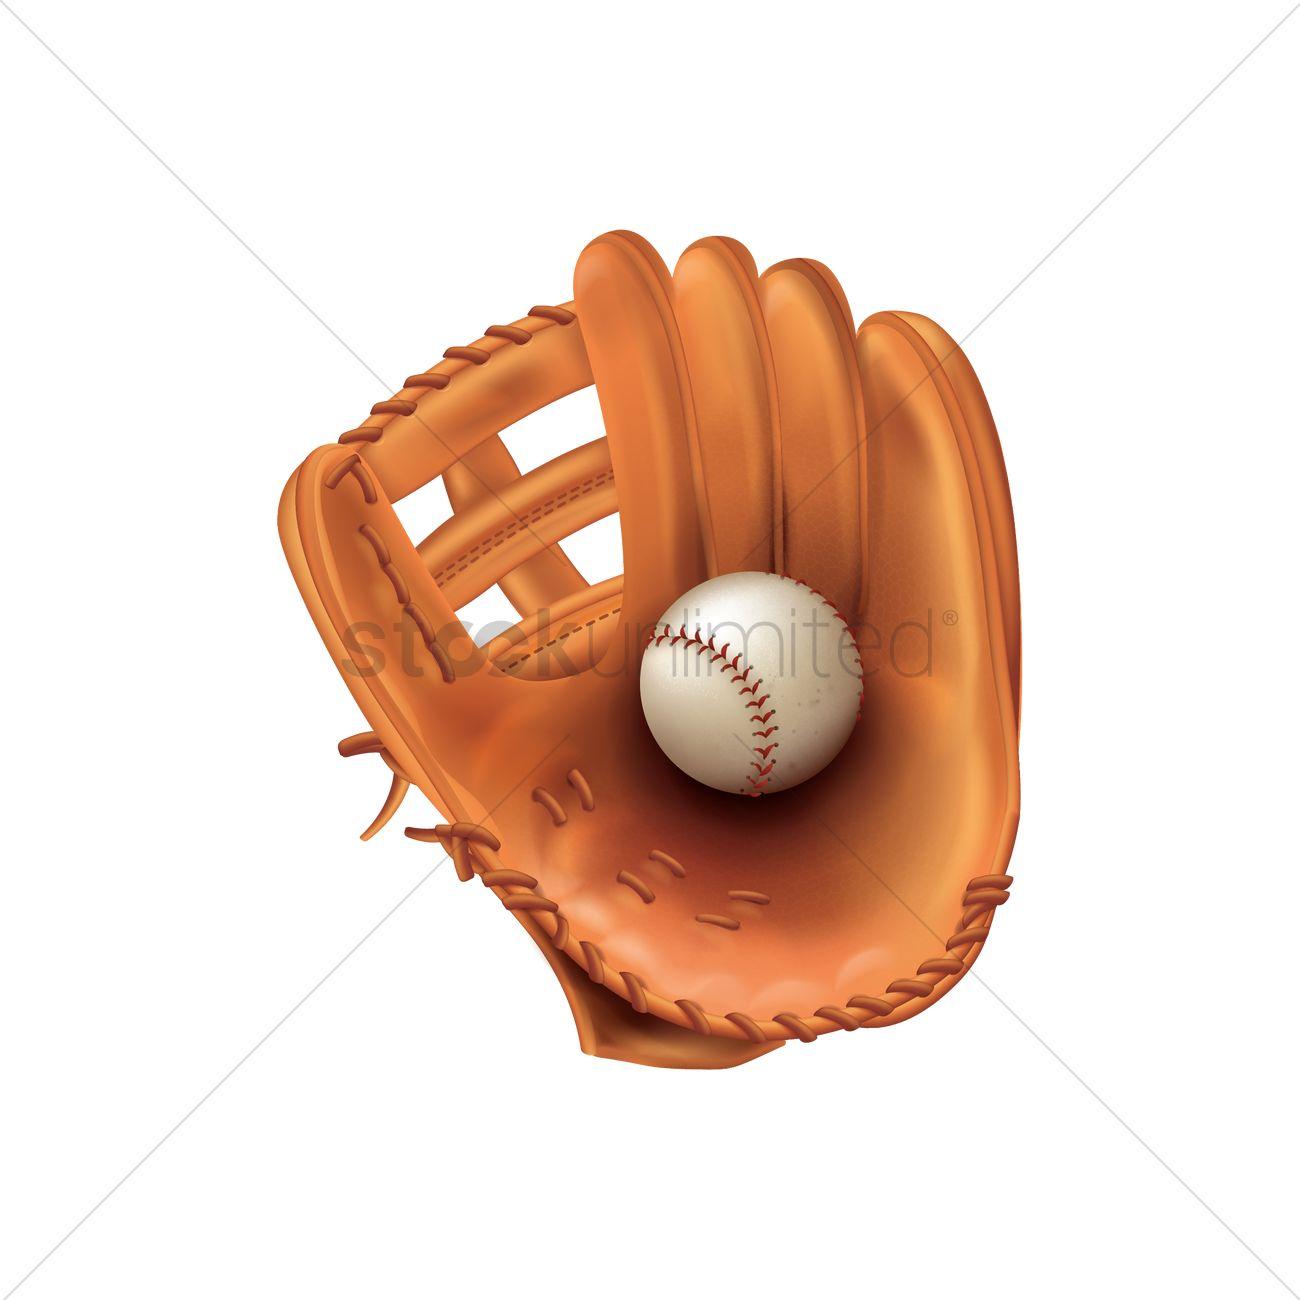 baseball glove with ball vector image 1805881